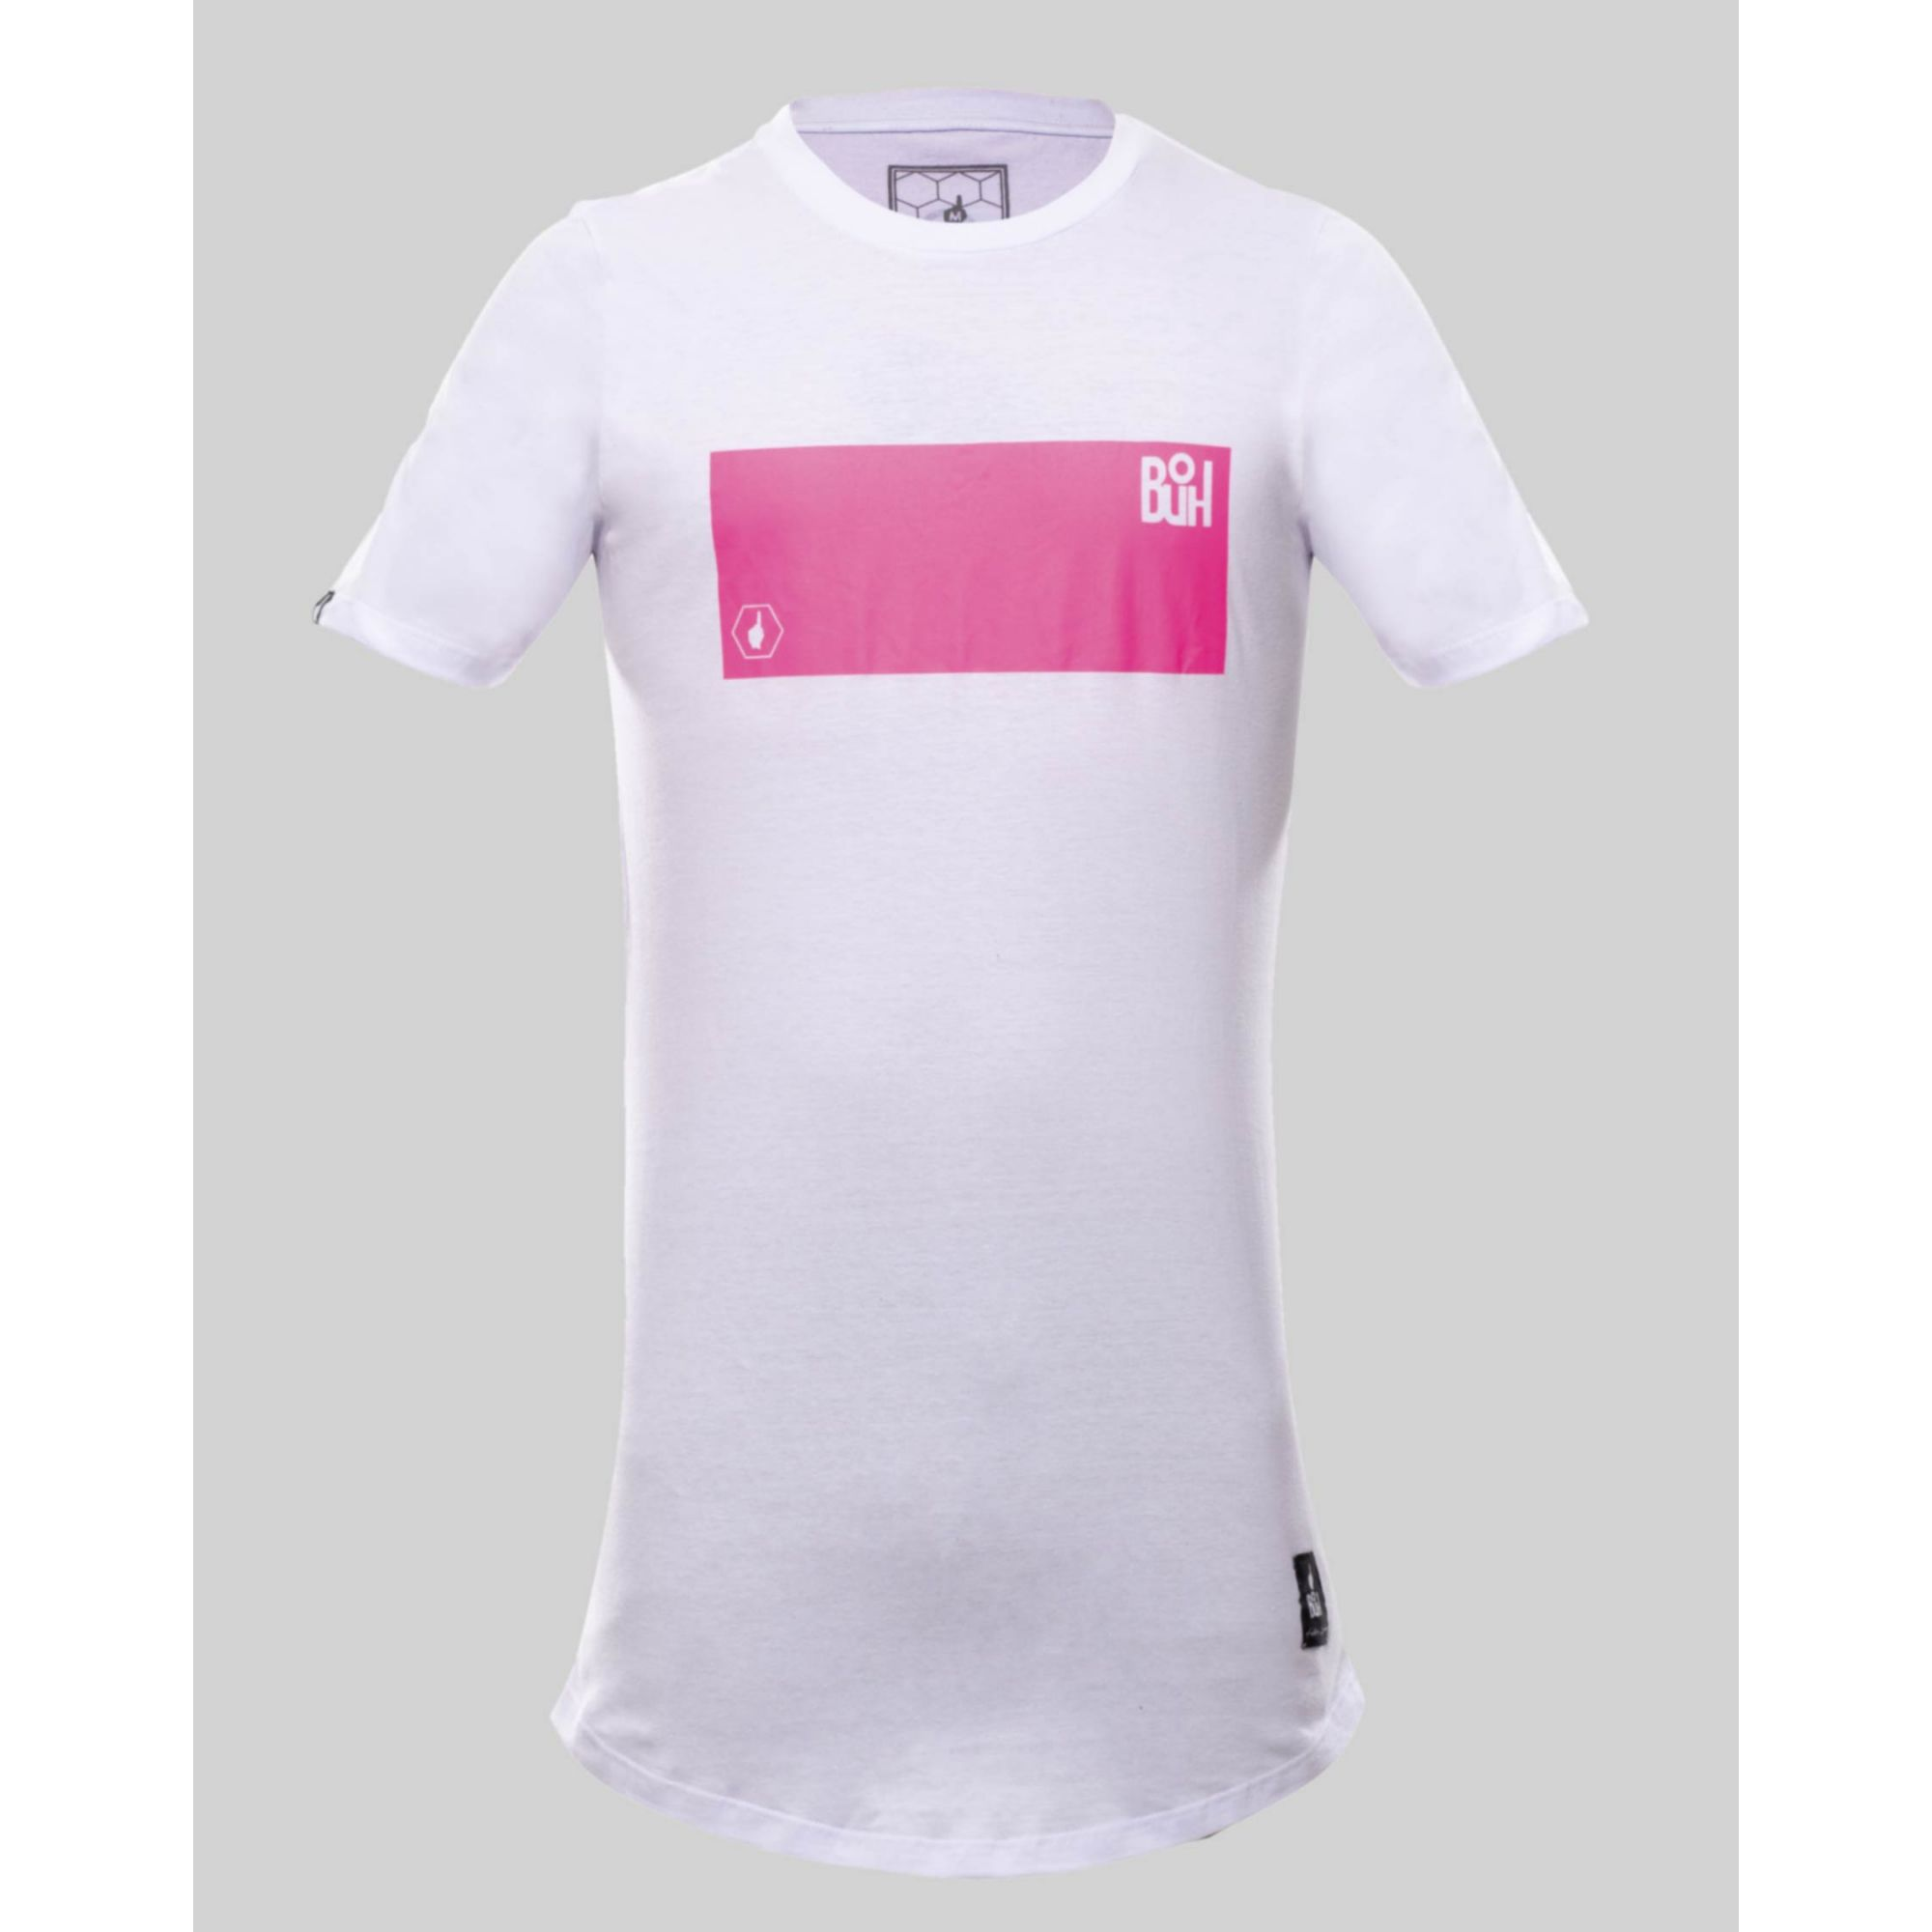 Camiseta Buh Fluor Square White